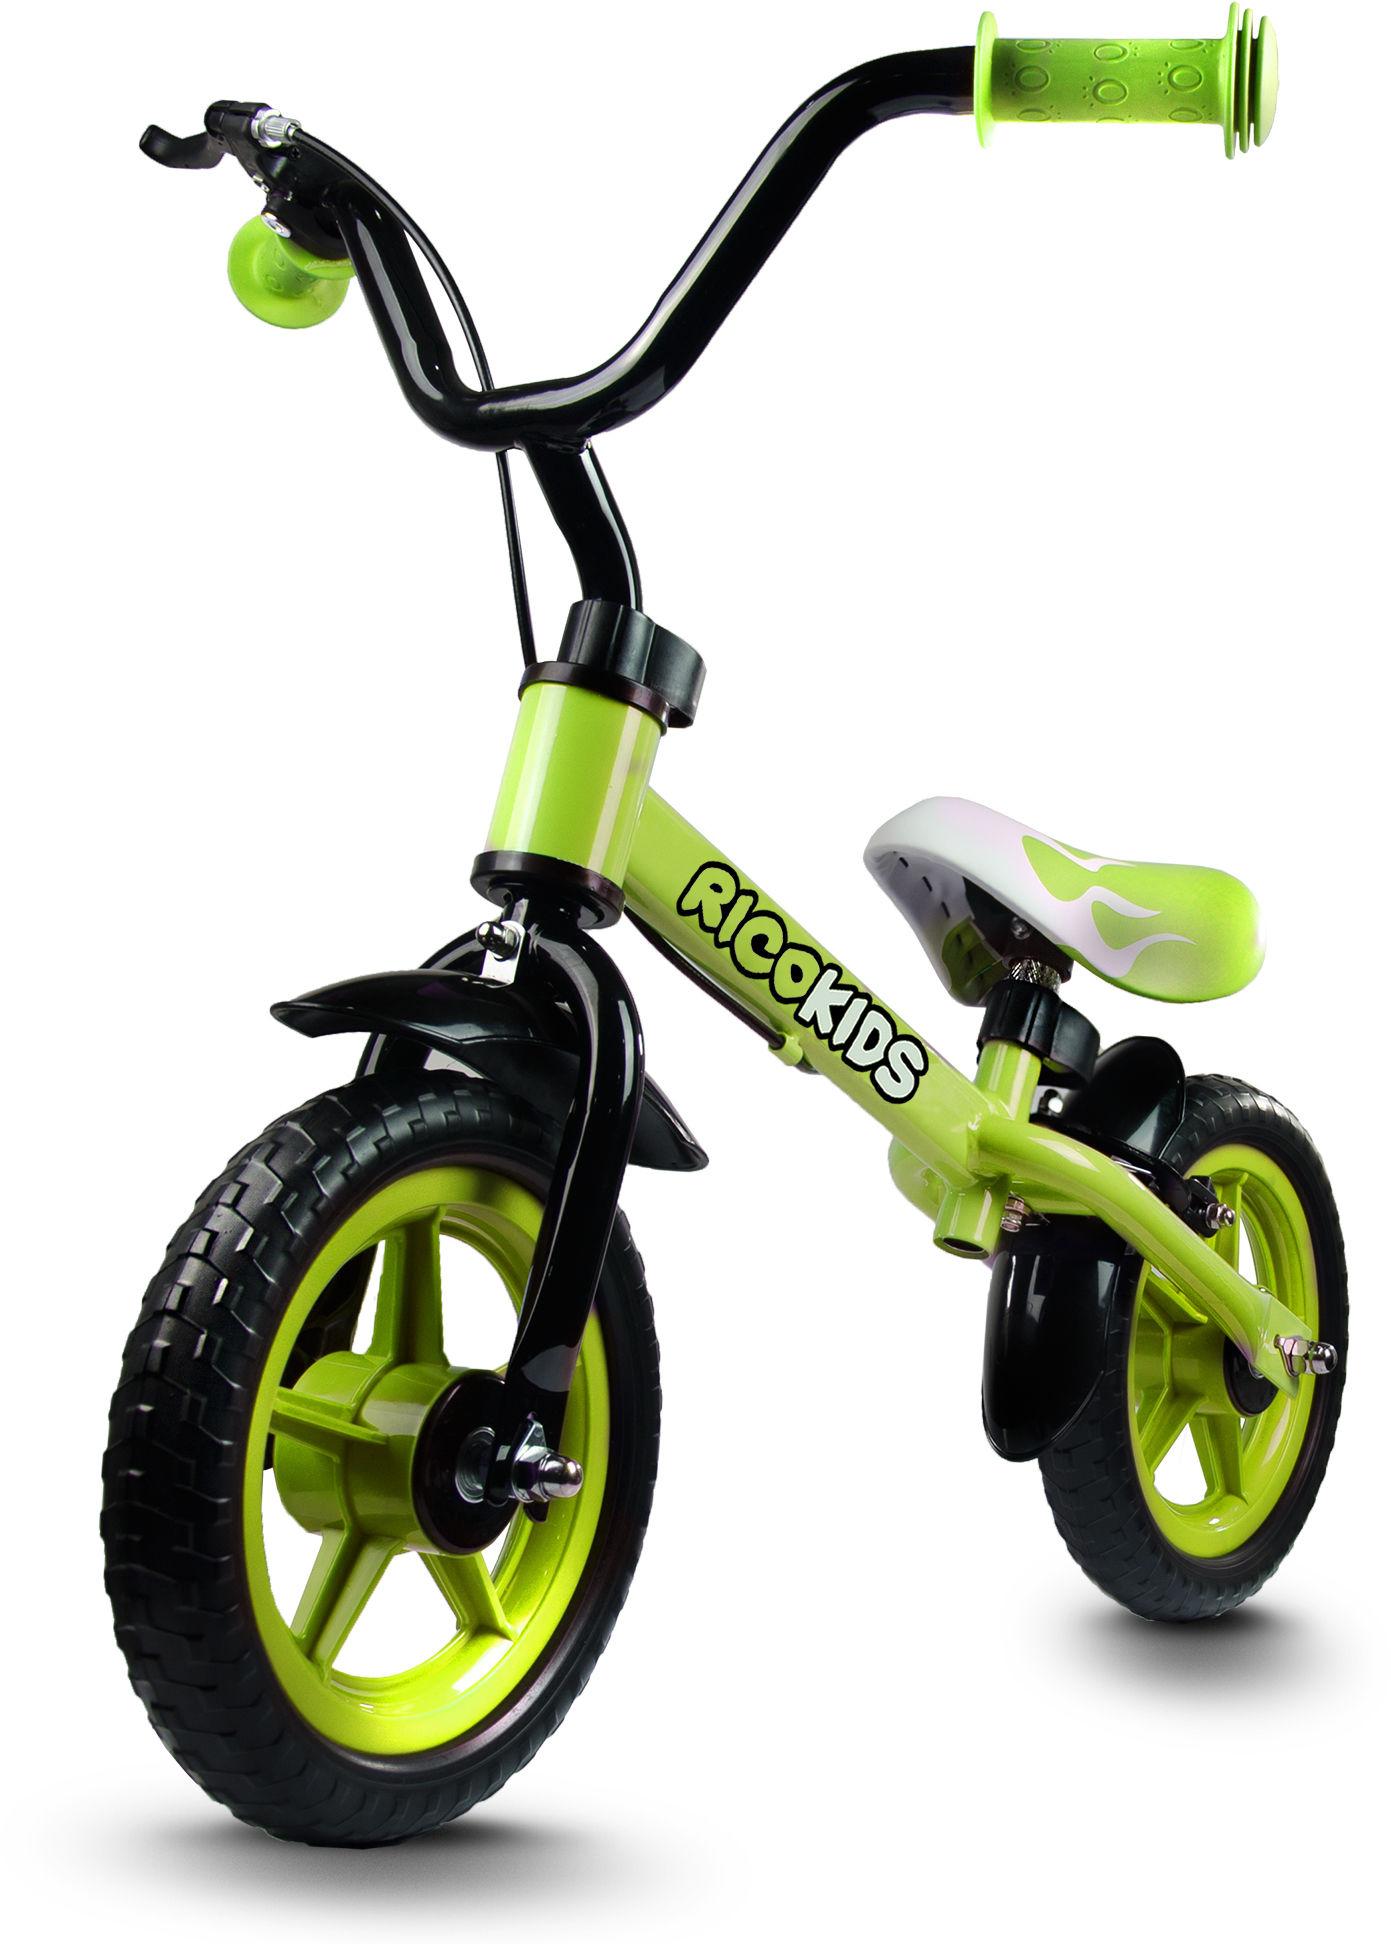 Rowerek biegowy z hamulcem RICOKIDS RC-302 /limonkowy/